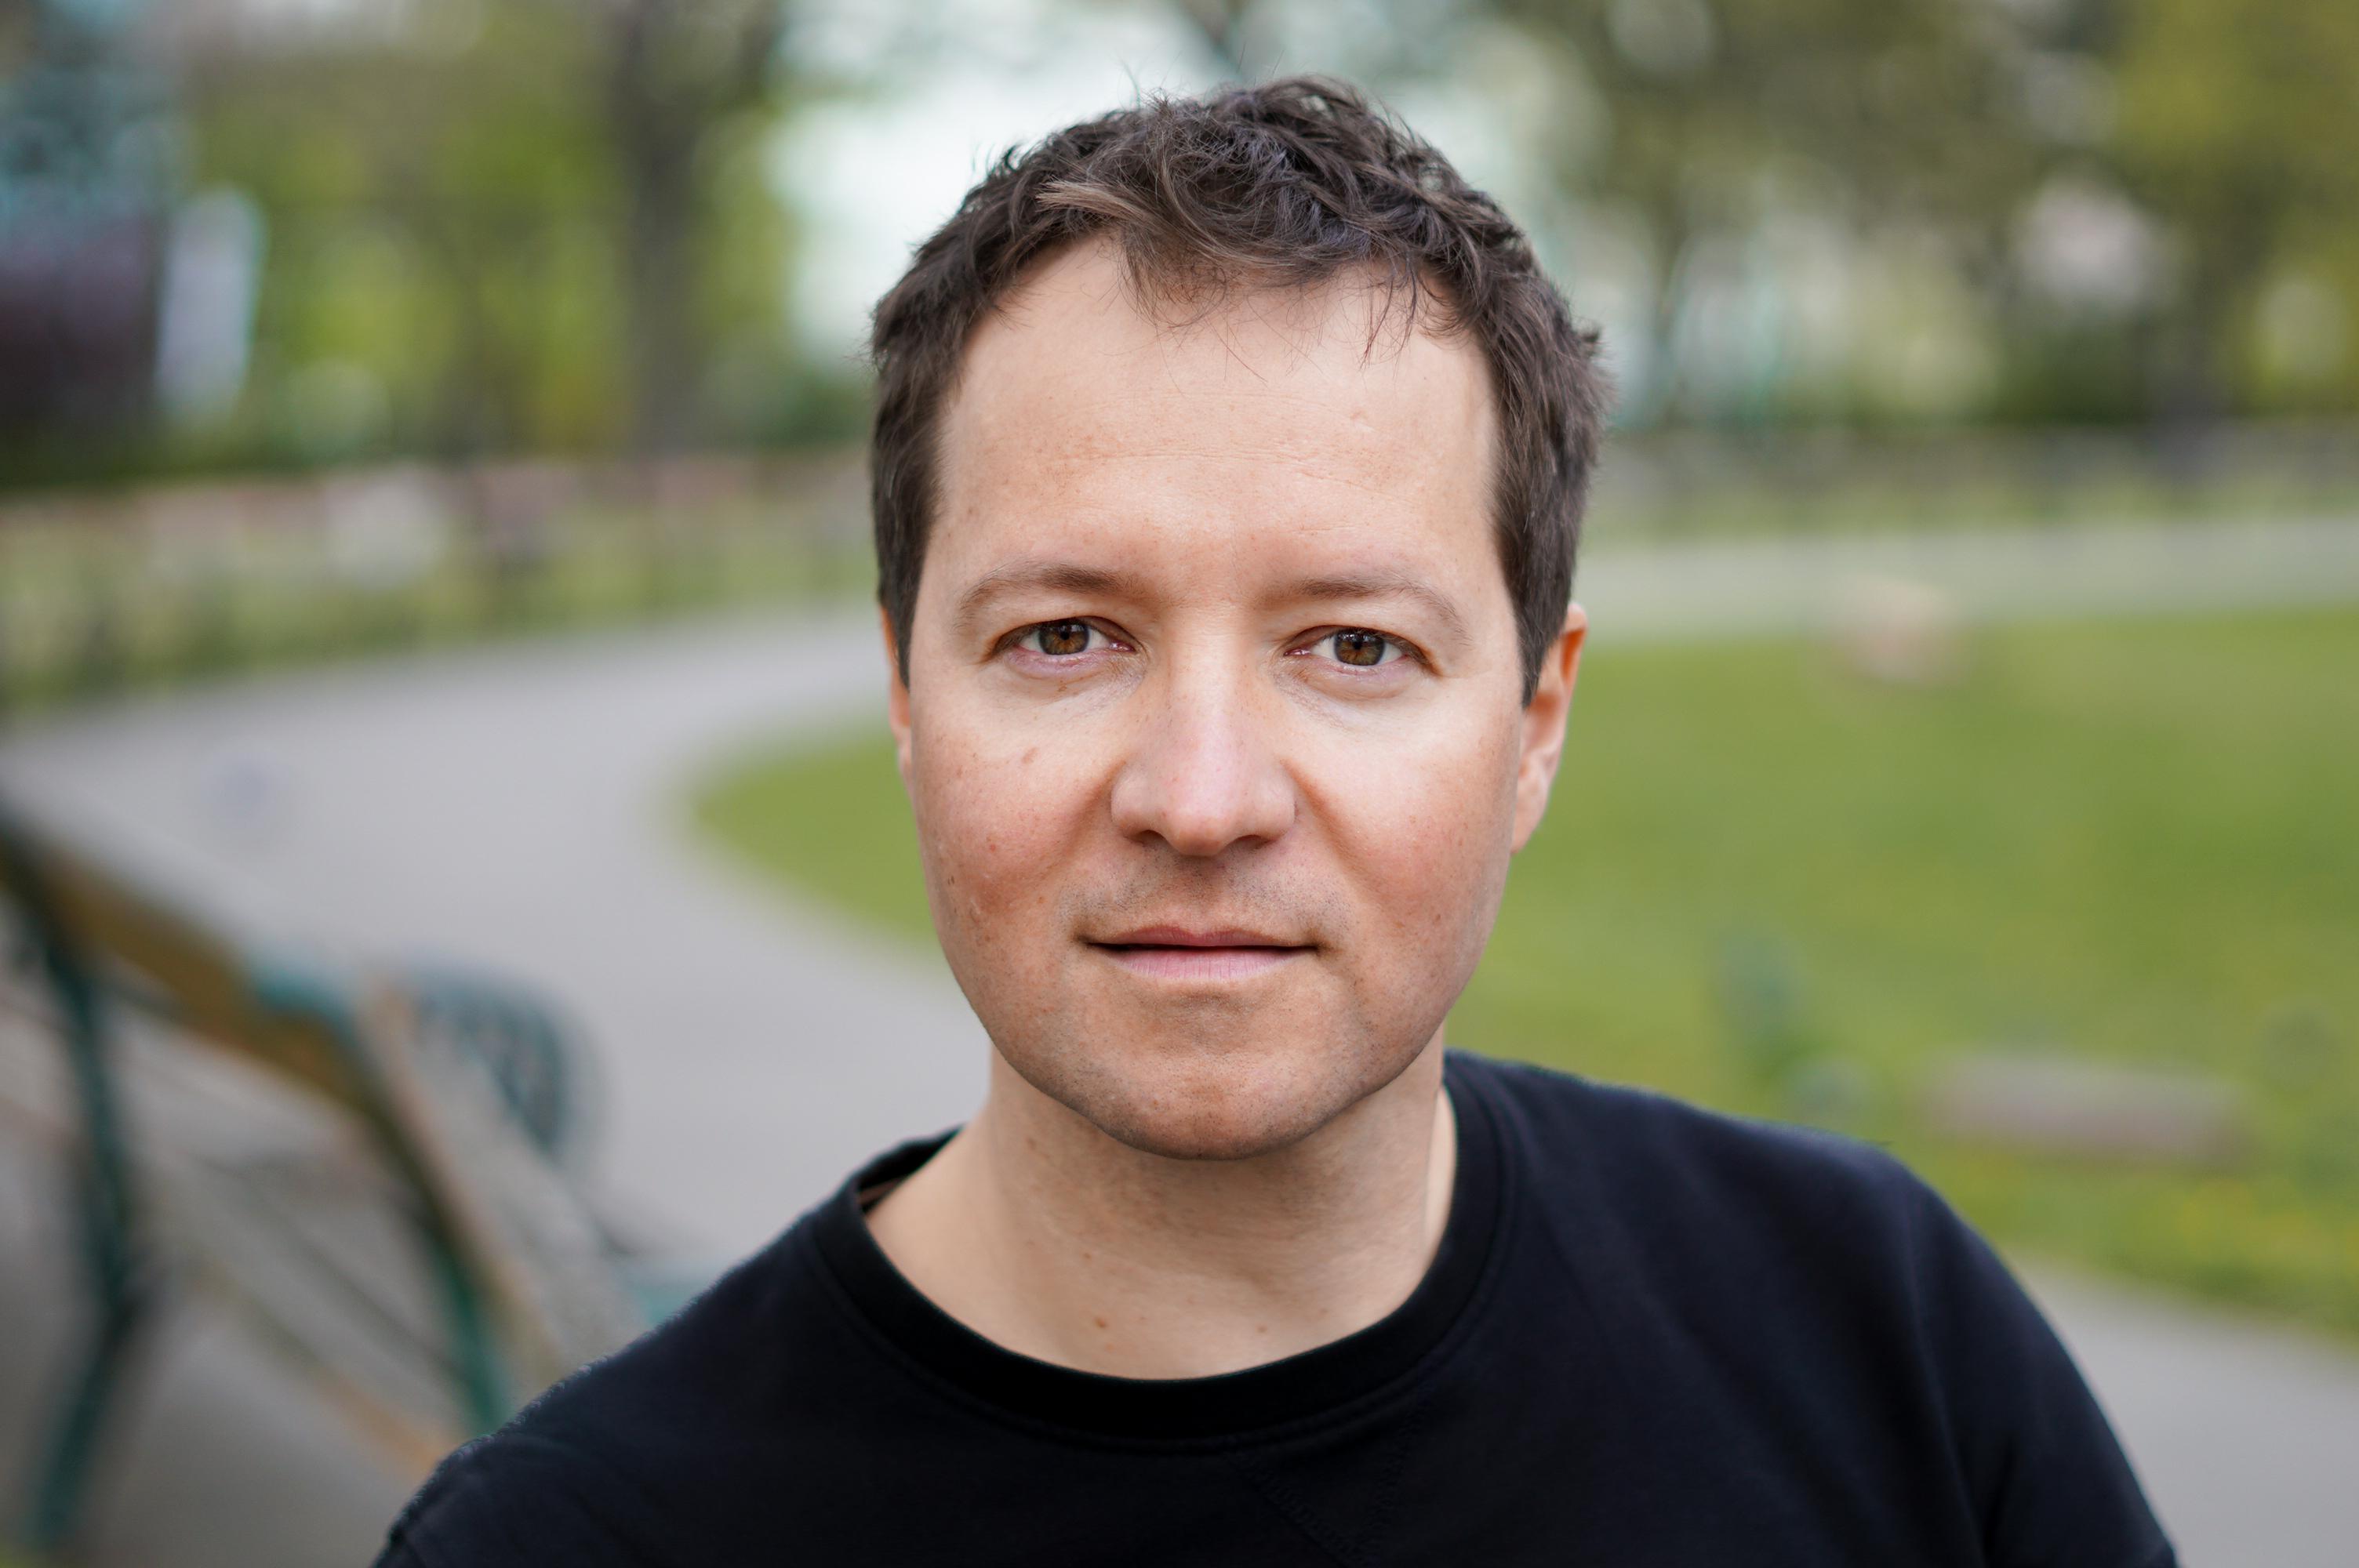 Thomas Tiberius Meikl